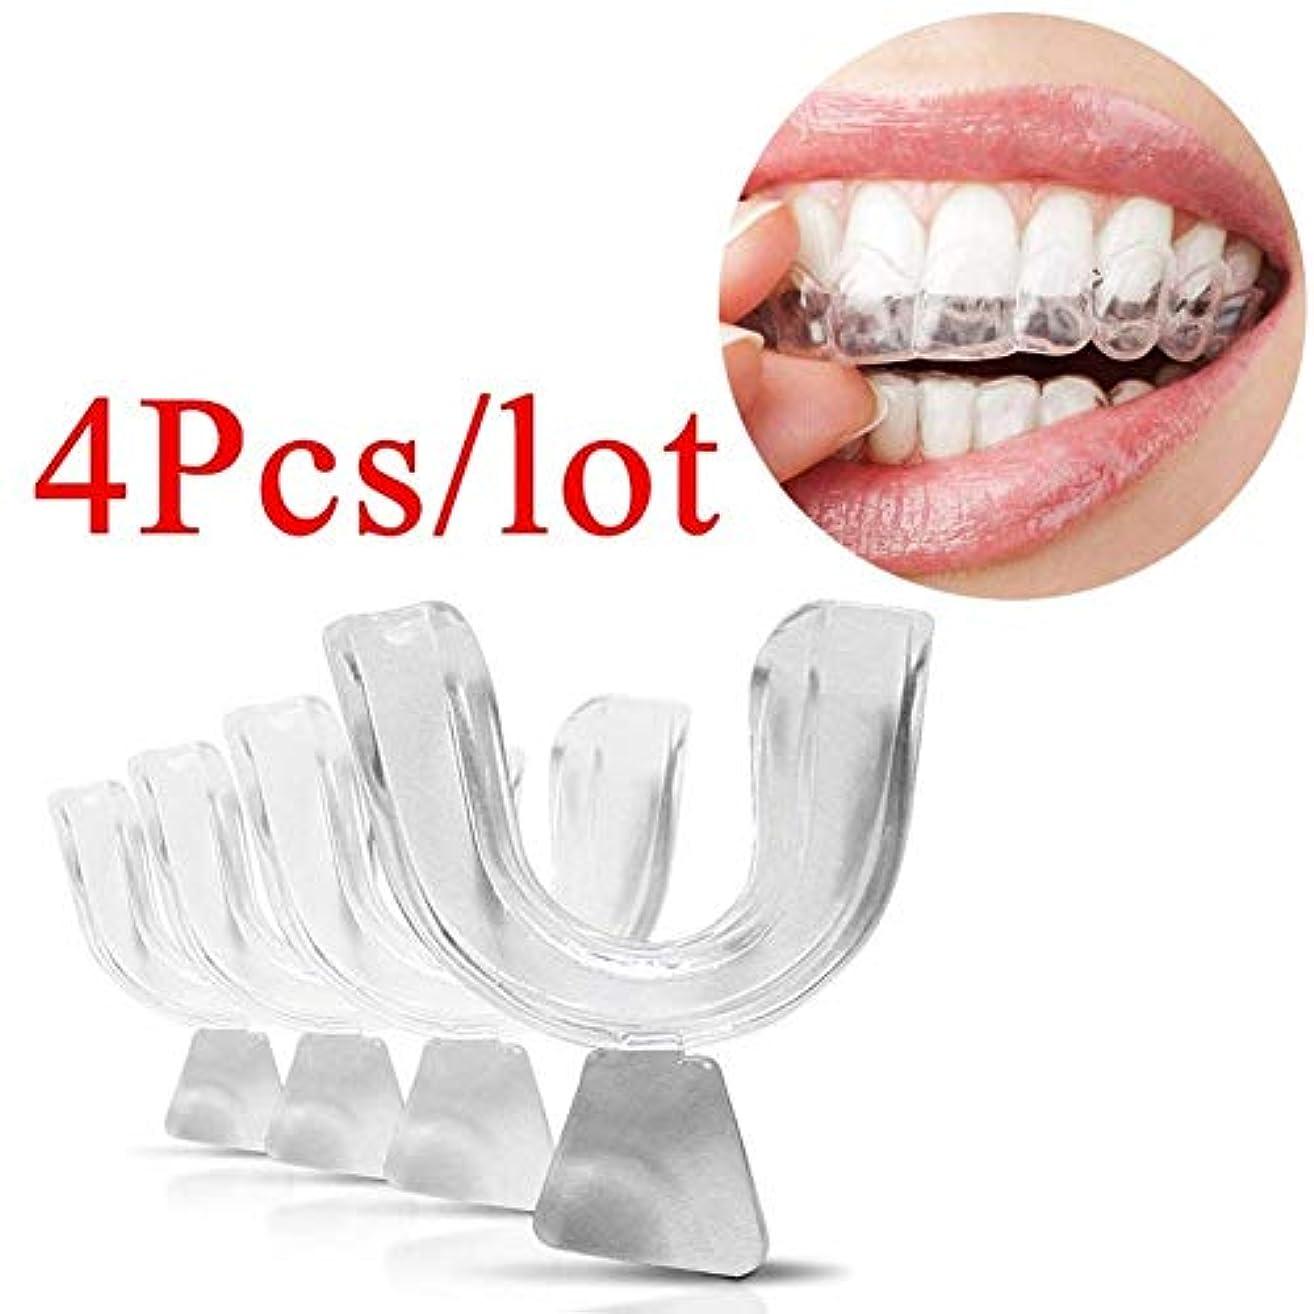 知らせる学ぶ病院透明な食品等級を白くする安全な口の皿のMoldable歯科用歯の口の歯,4Pcs